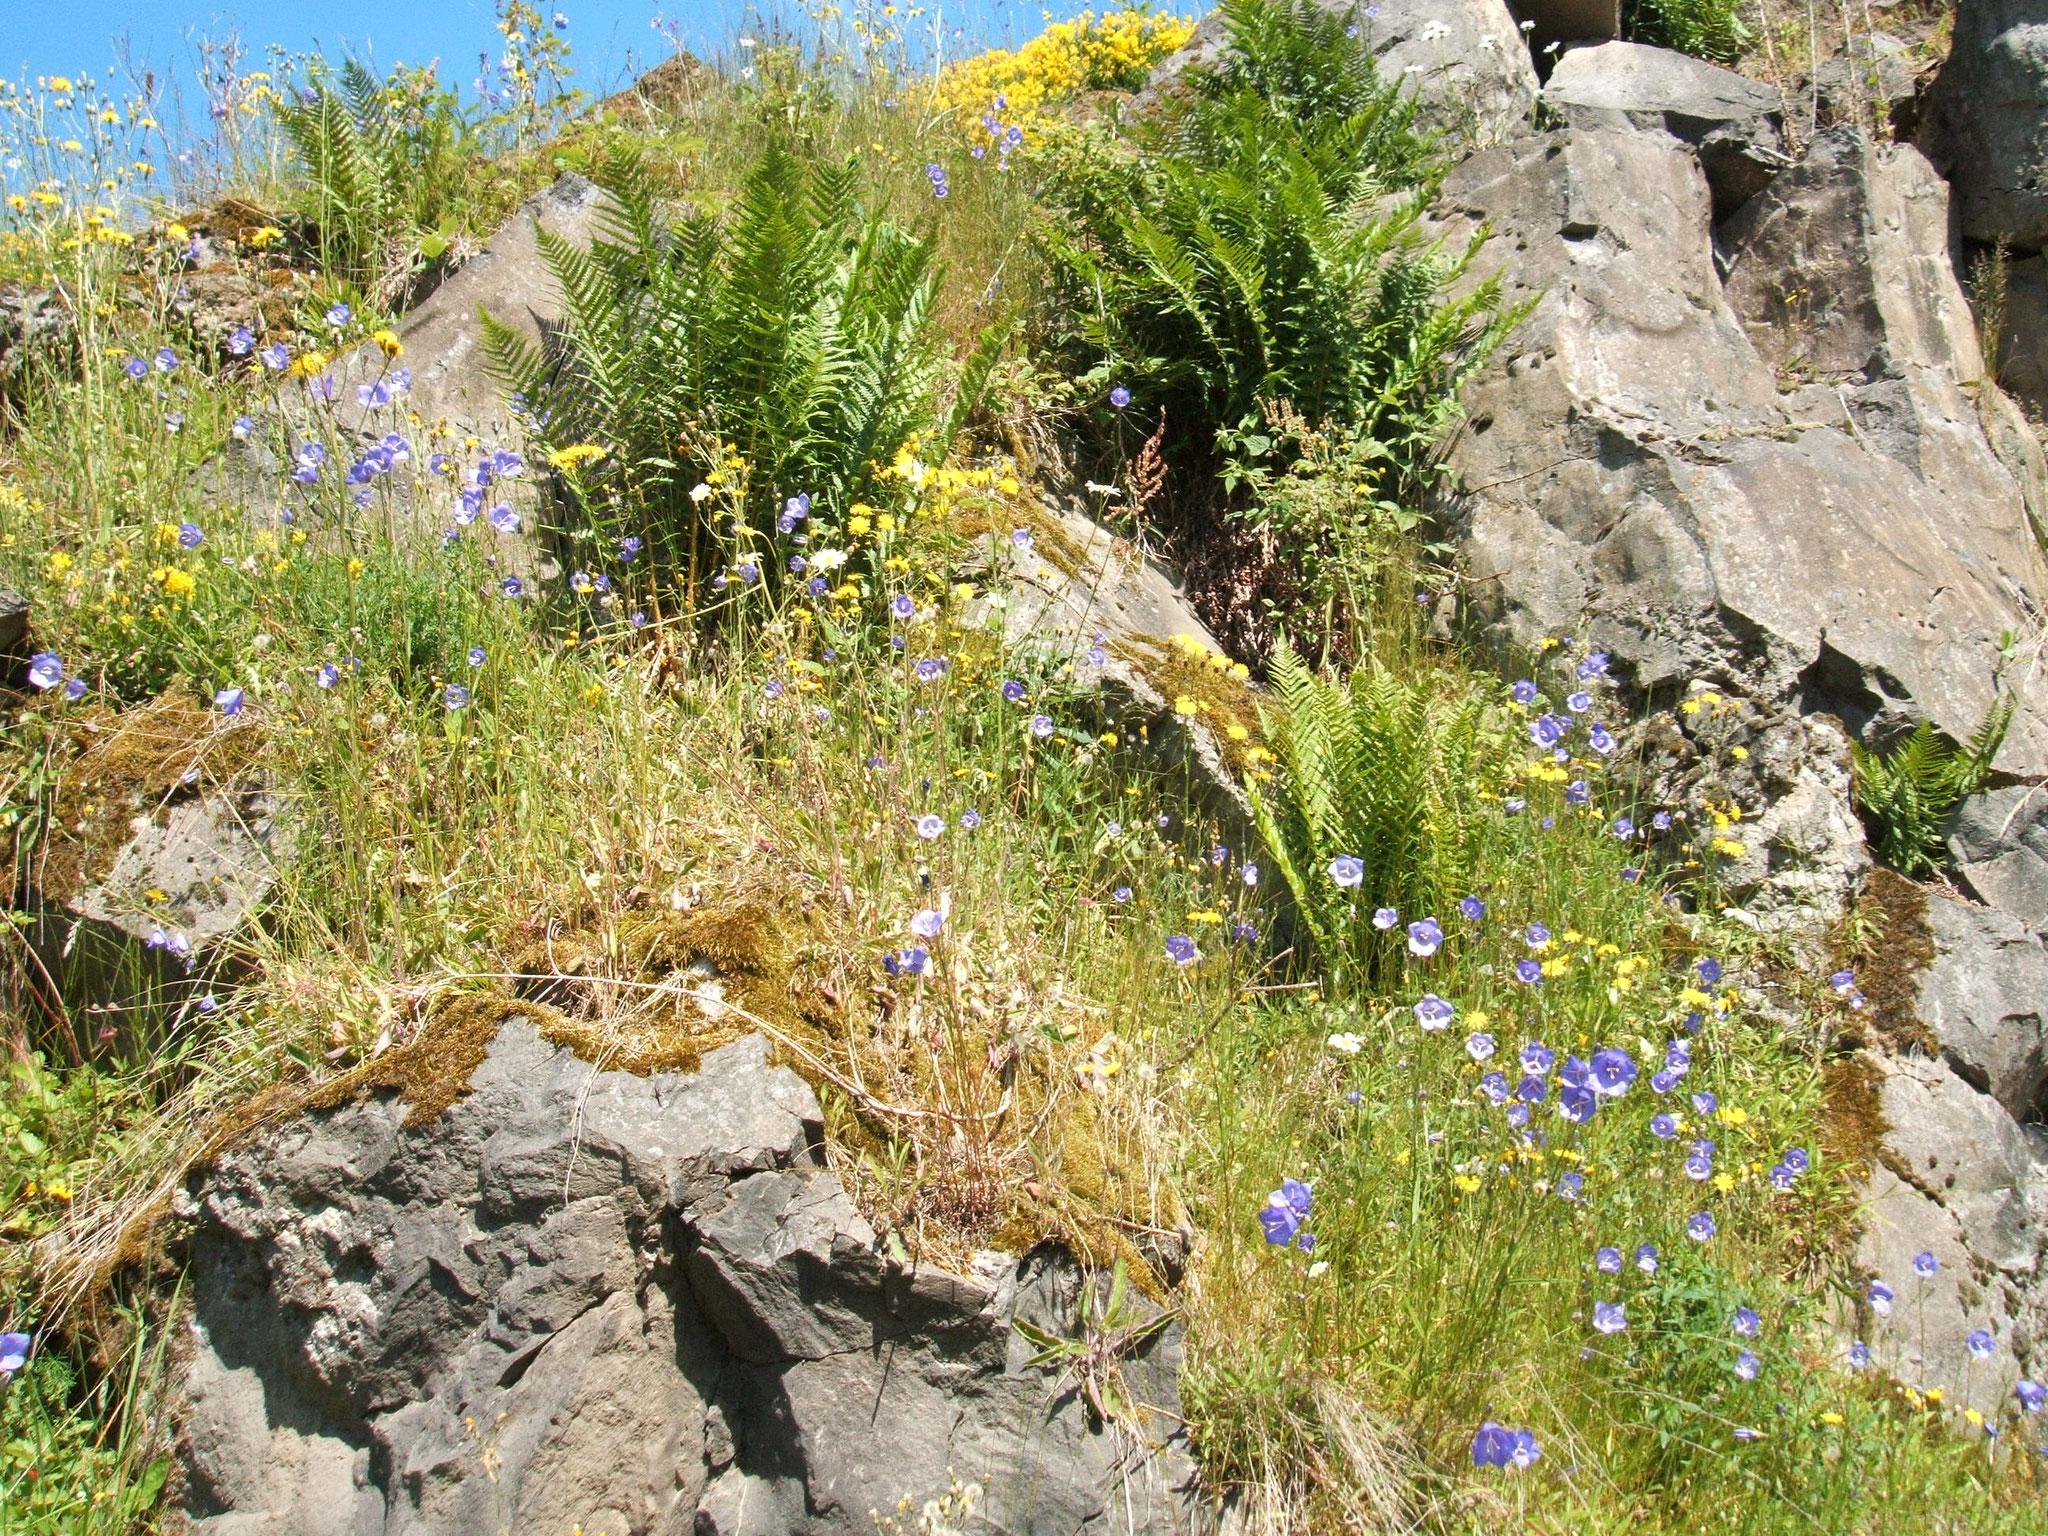 Felsen und Blütenpracht im NABU-Schutzgebiet Assebergbruch bei Daun-Waldkönigen